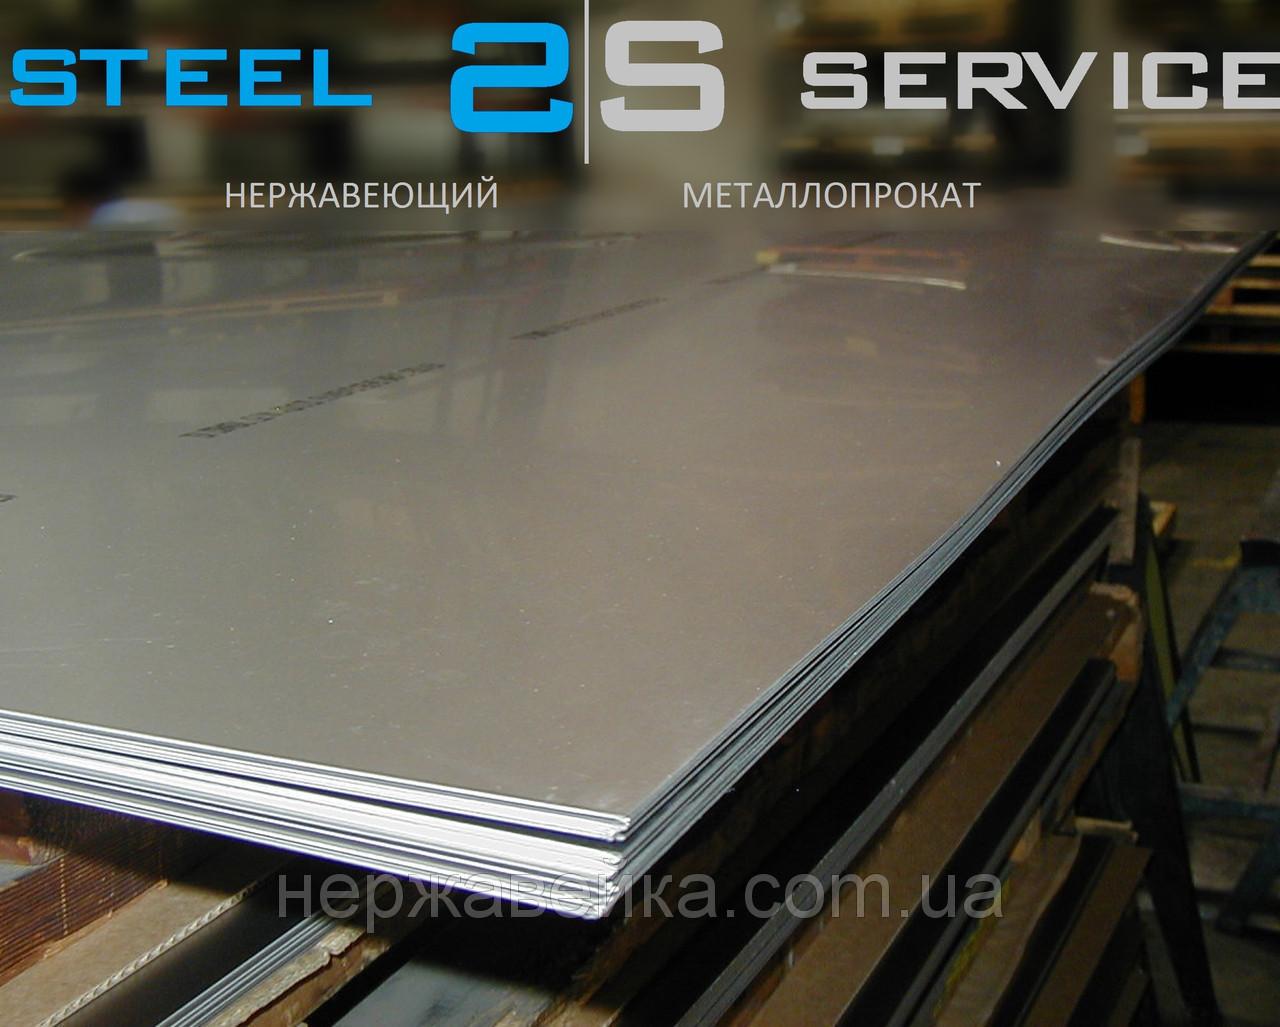 Нержавейка лист 2х1000х2000мм  AISI 316L(03Х17Н14М3) 4N - шлифованный,  кислотостойкий